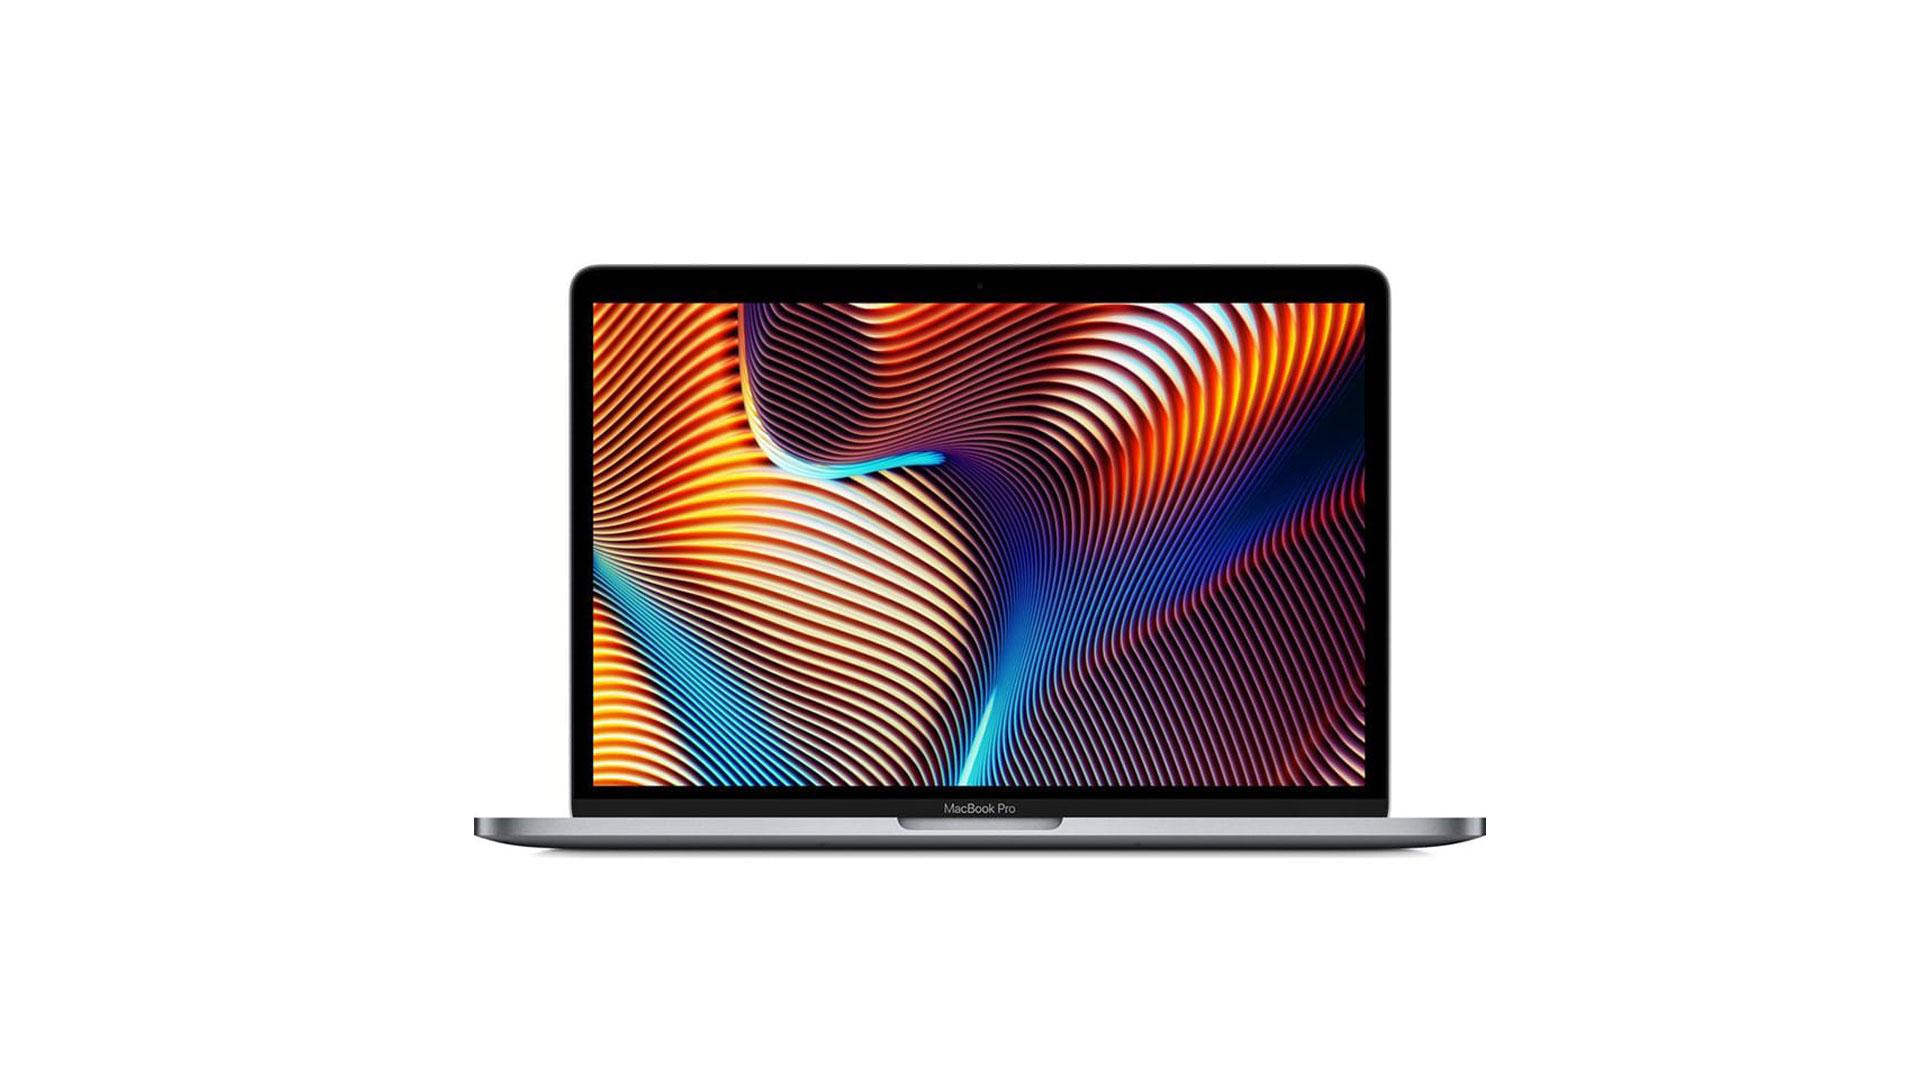 MacBook Pro MUHN2 2019